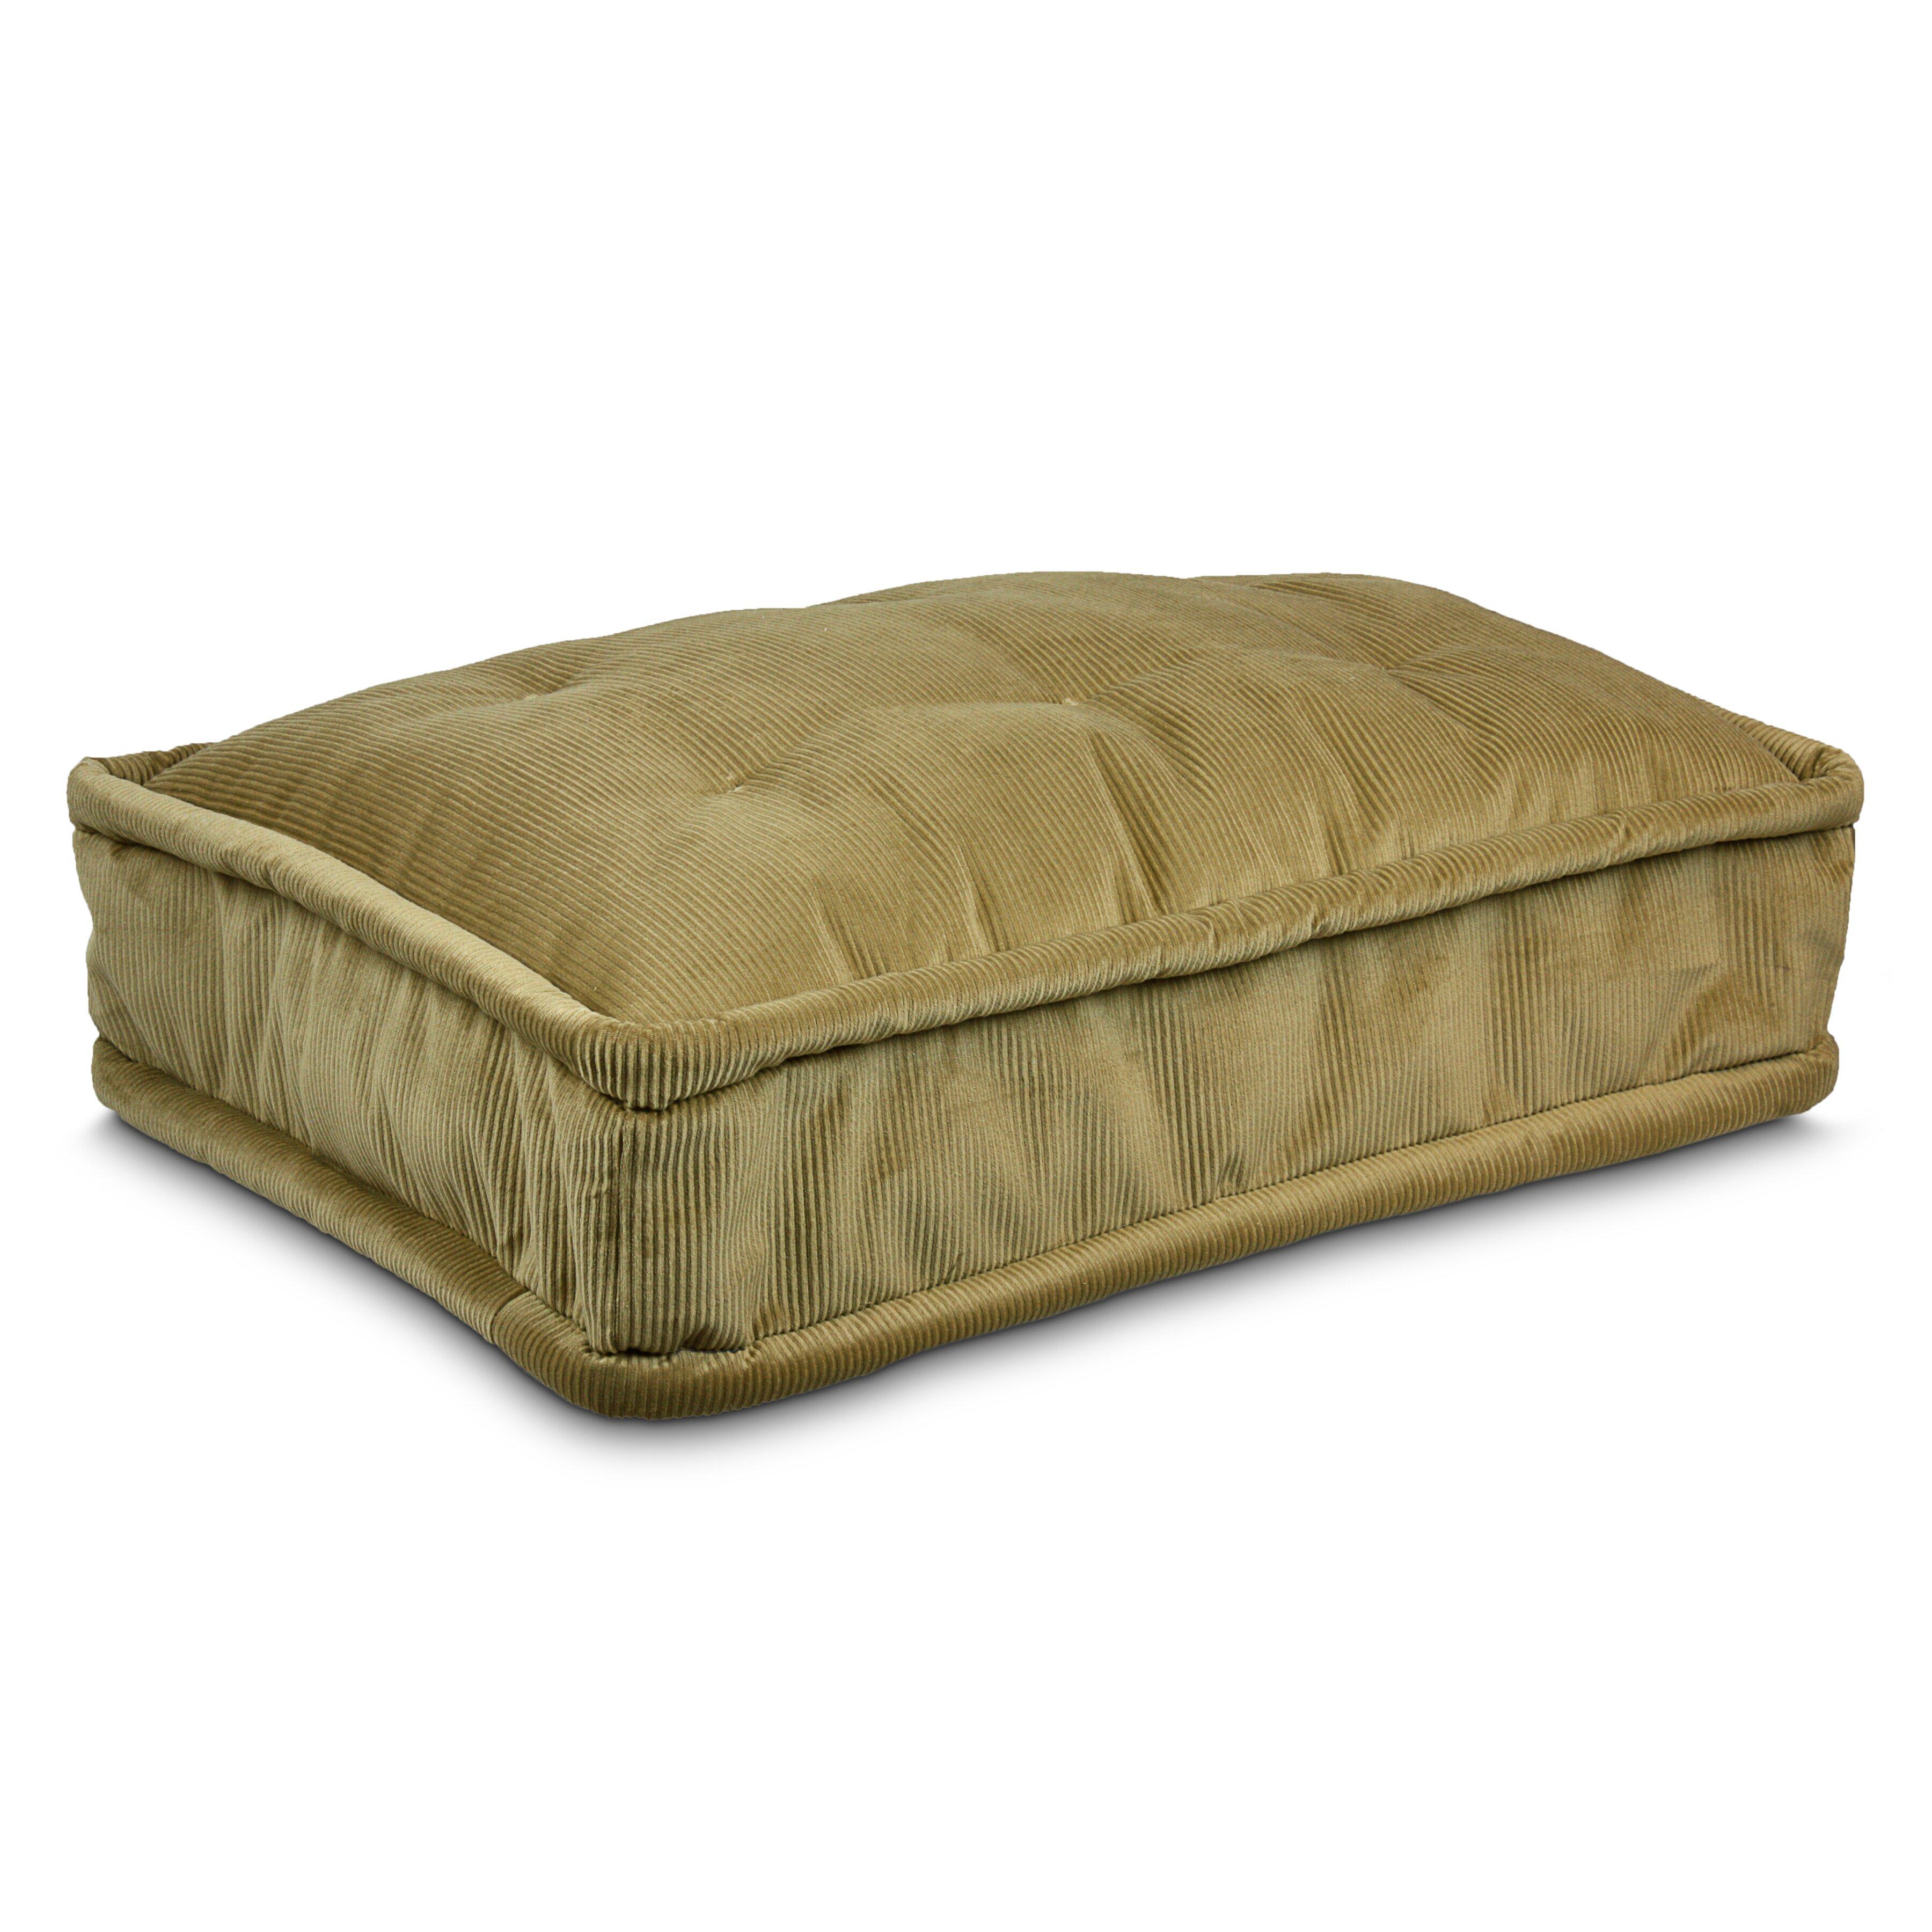 Luxury pillow top pet bed wayfair for Best luxury dog beds